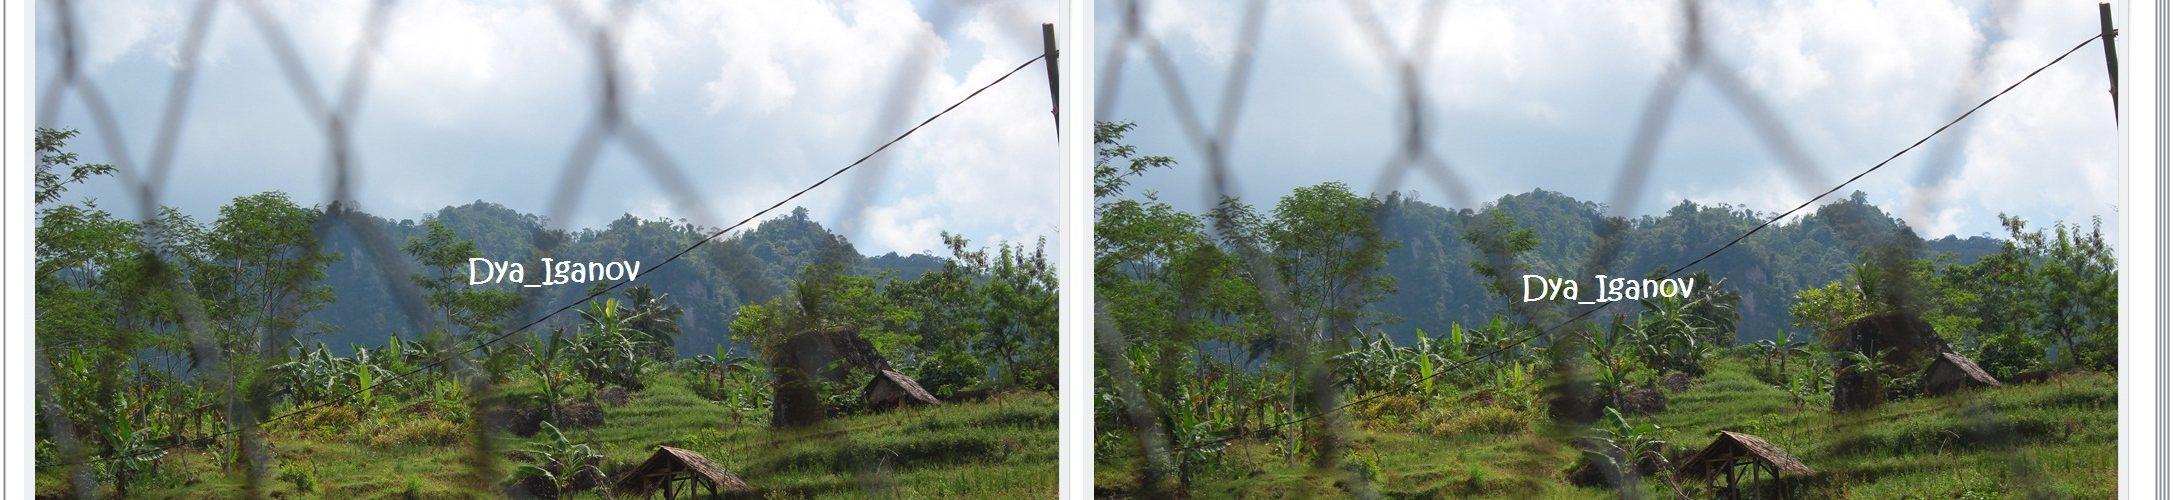 Desa Jayasari, Kecamatan Langkaplancar, Kabupaten Pangandaran, Jawa Barat